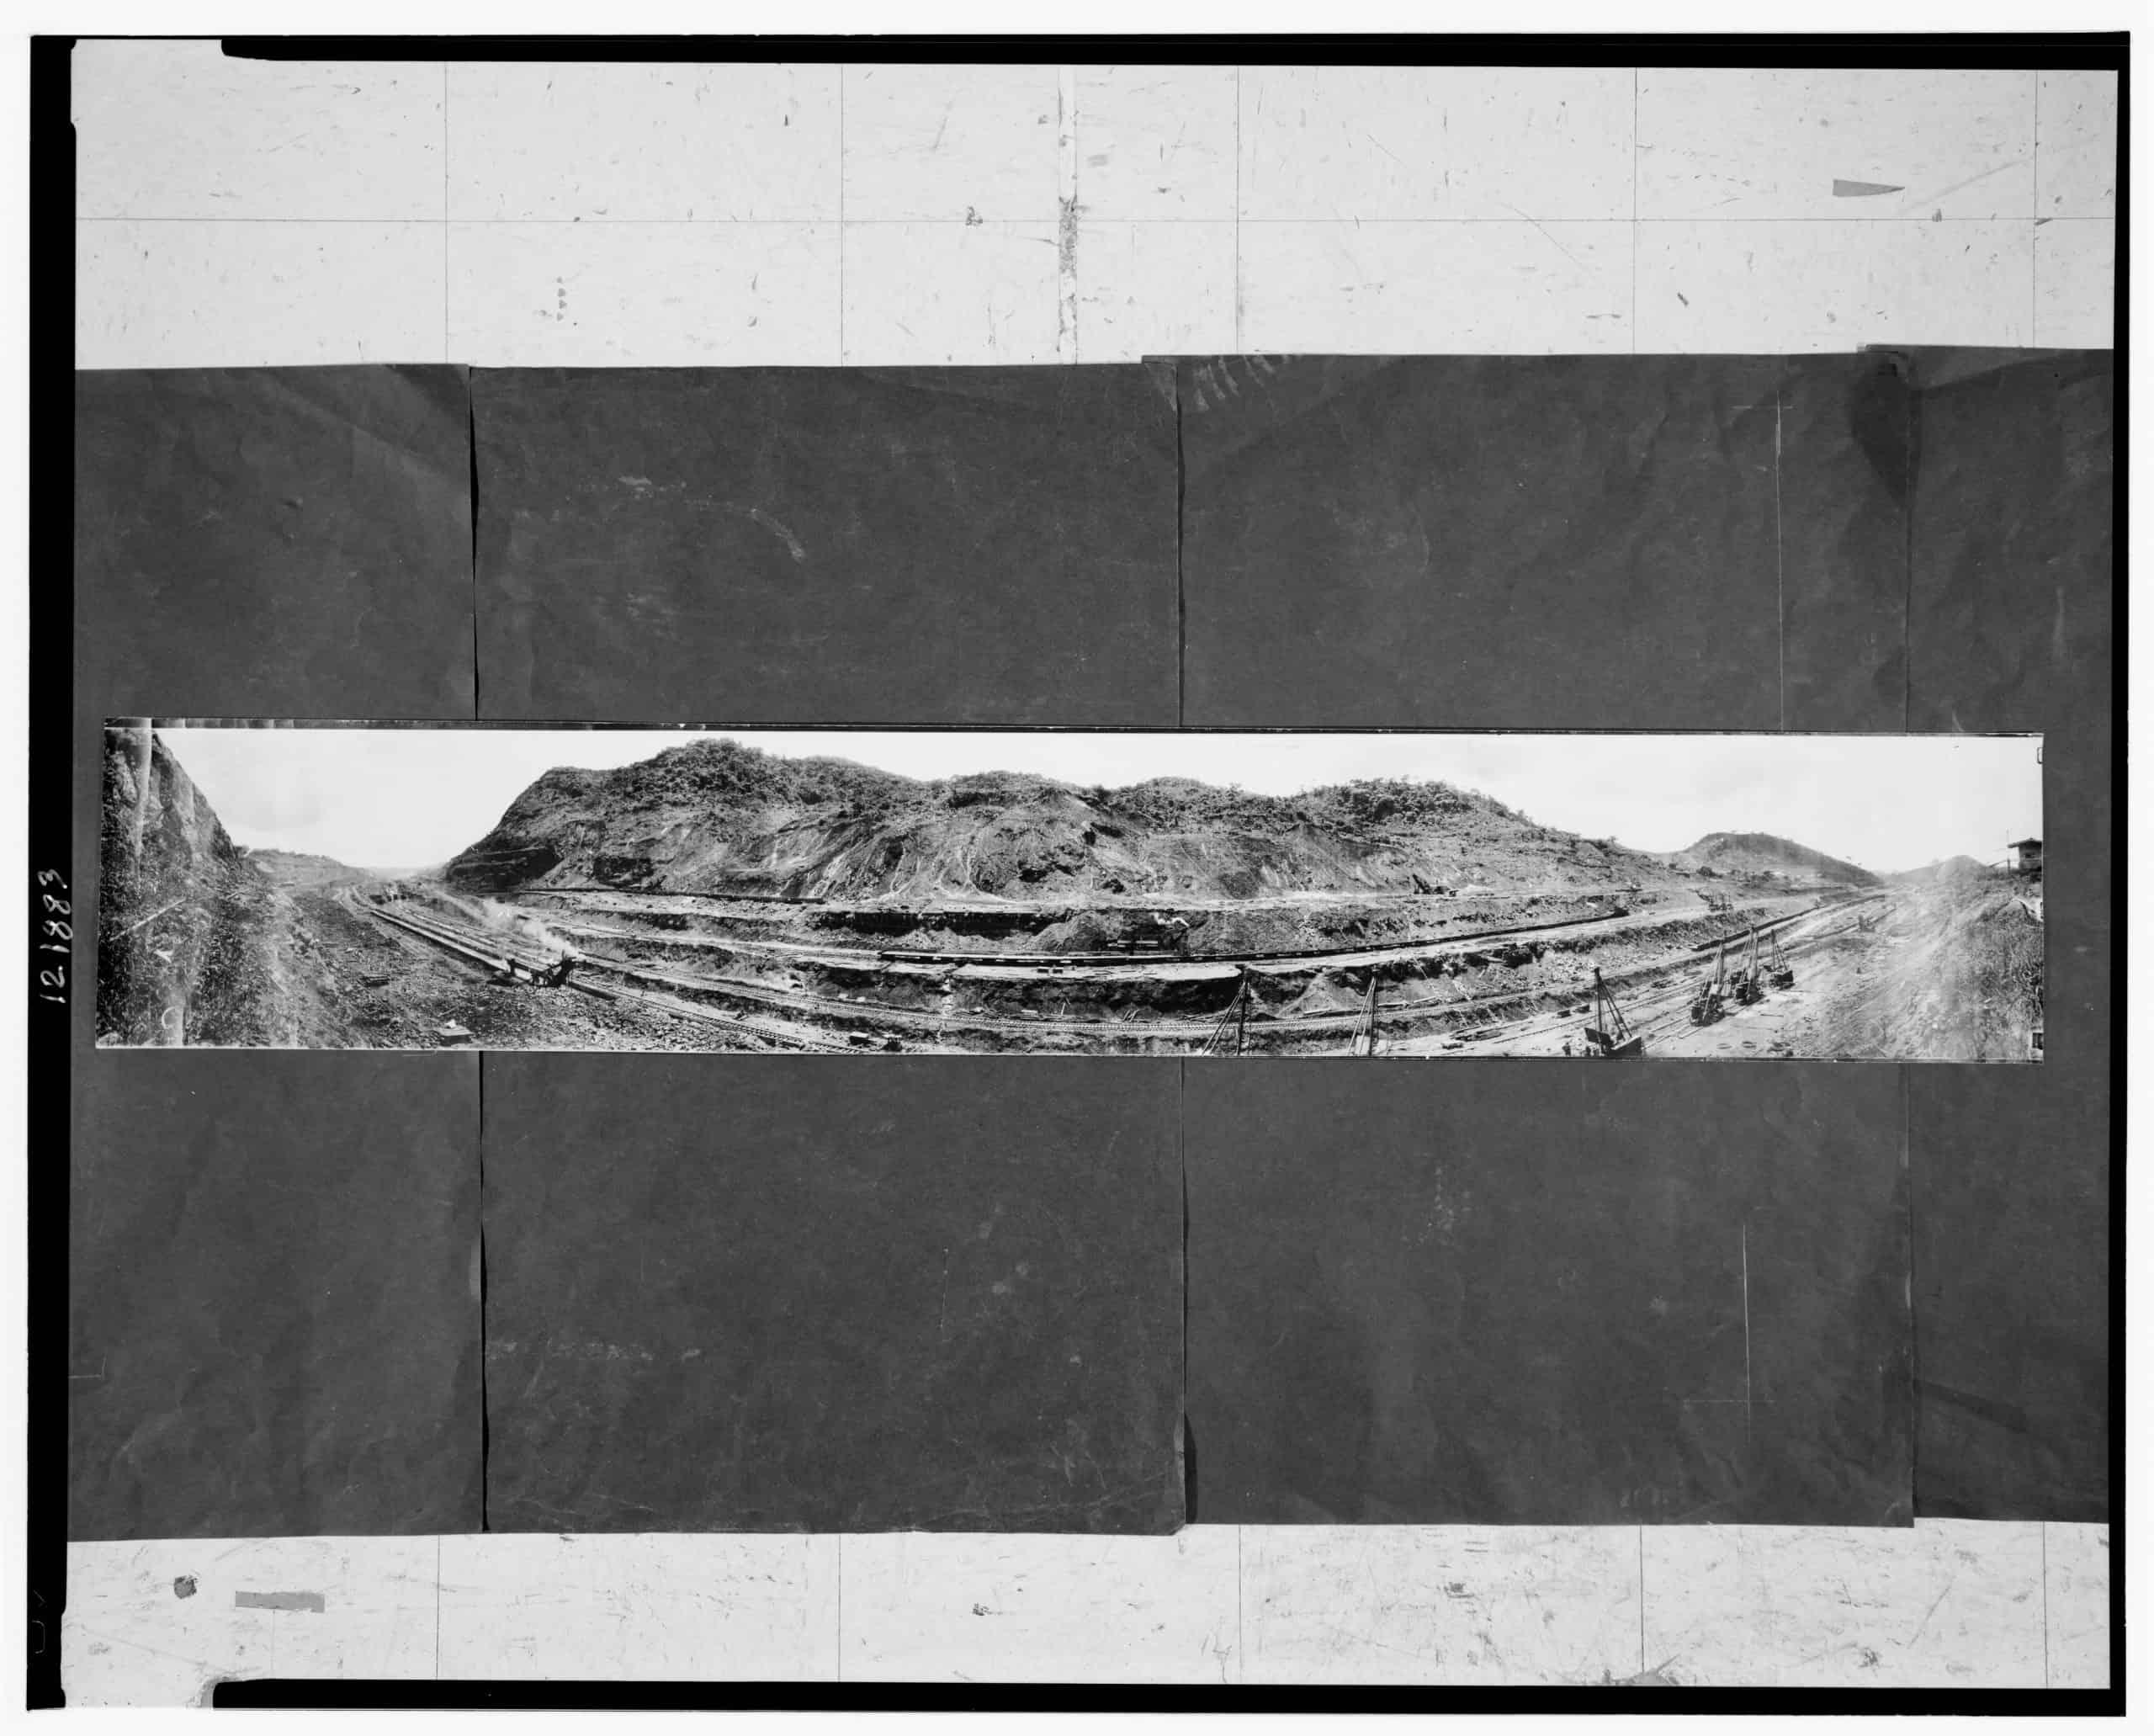 Construction of Panama Canal, May be Culebra Cut, ca 1913